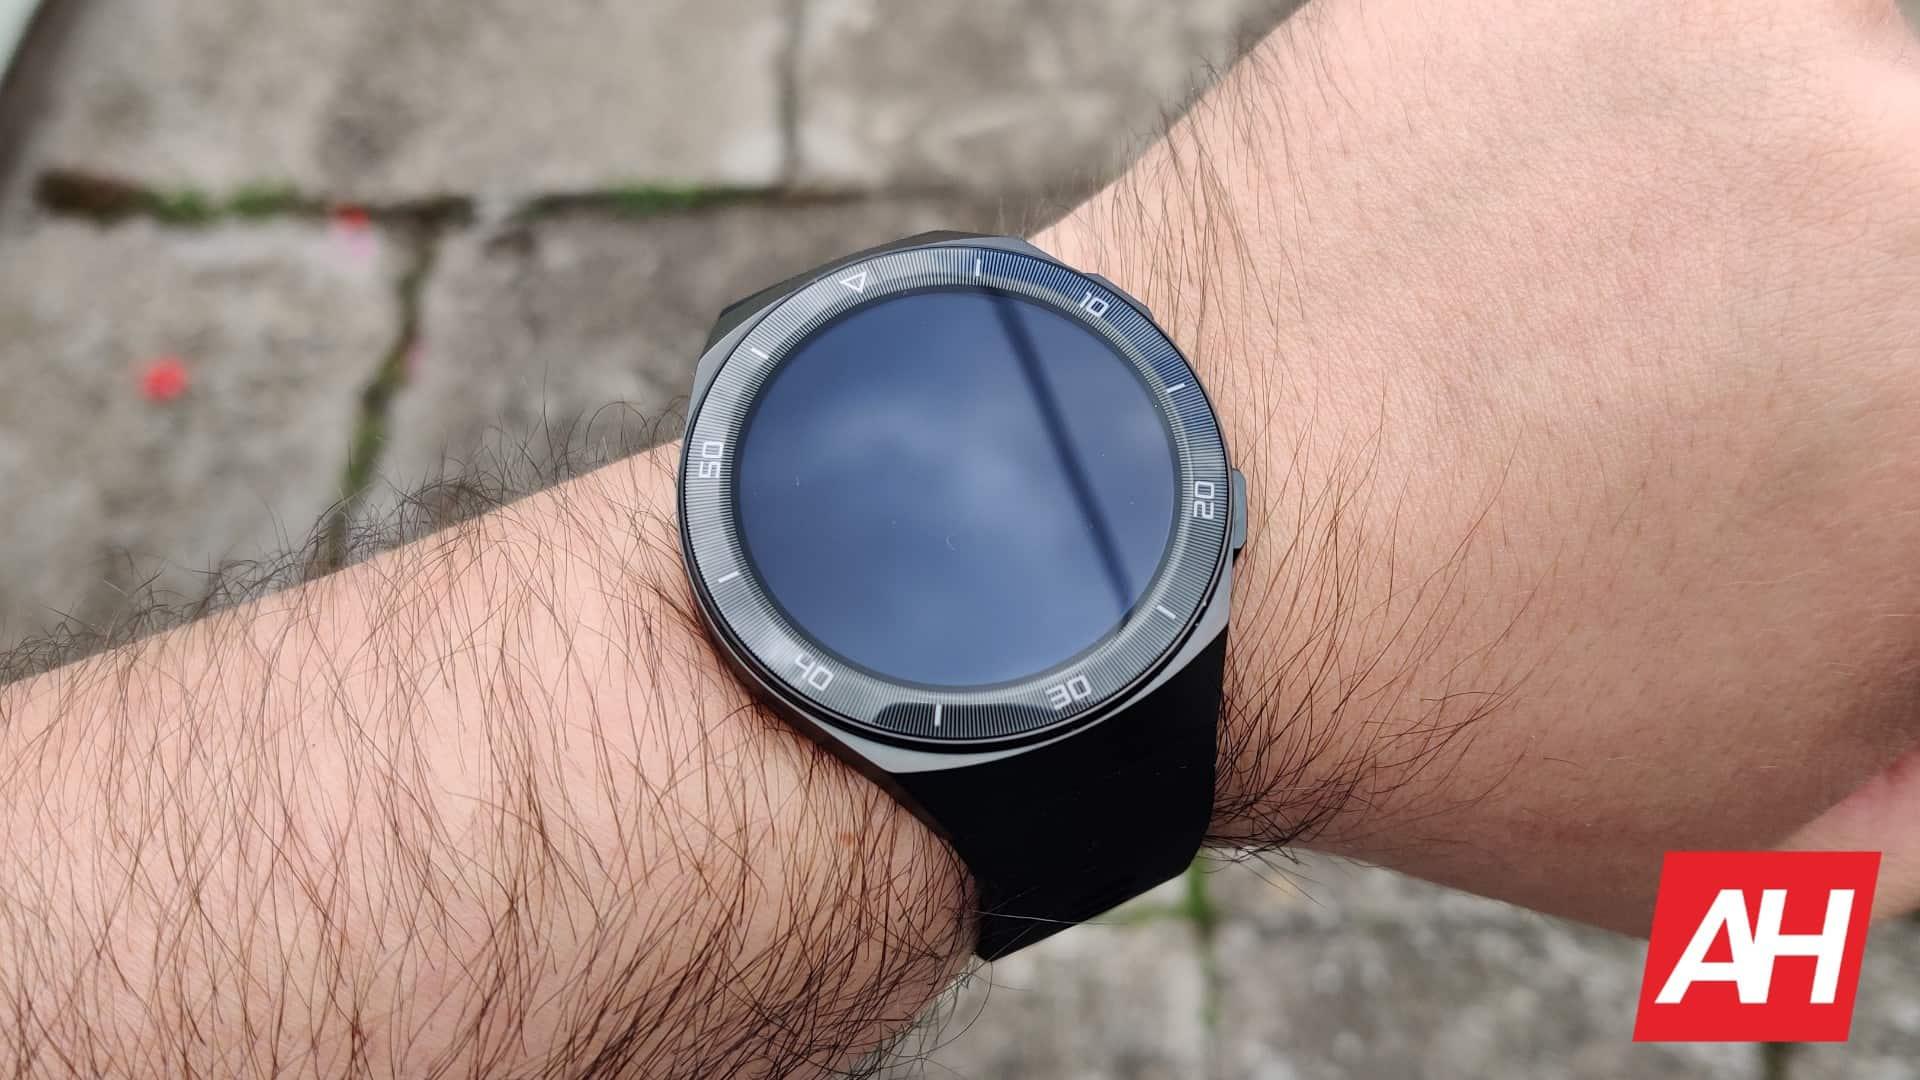 AH Huawei Watch GT 2e image 6